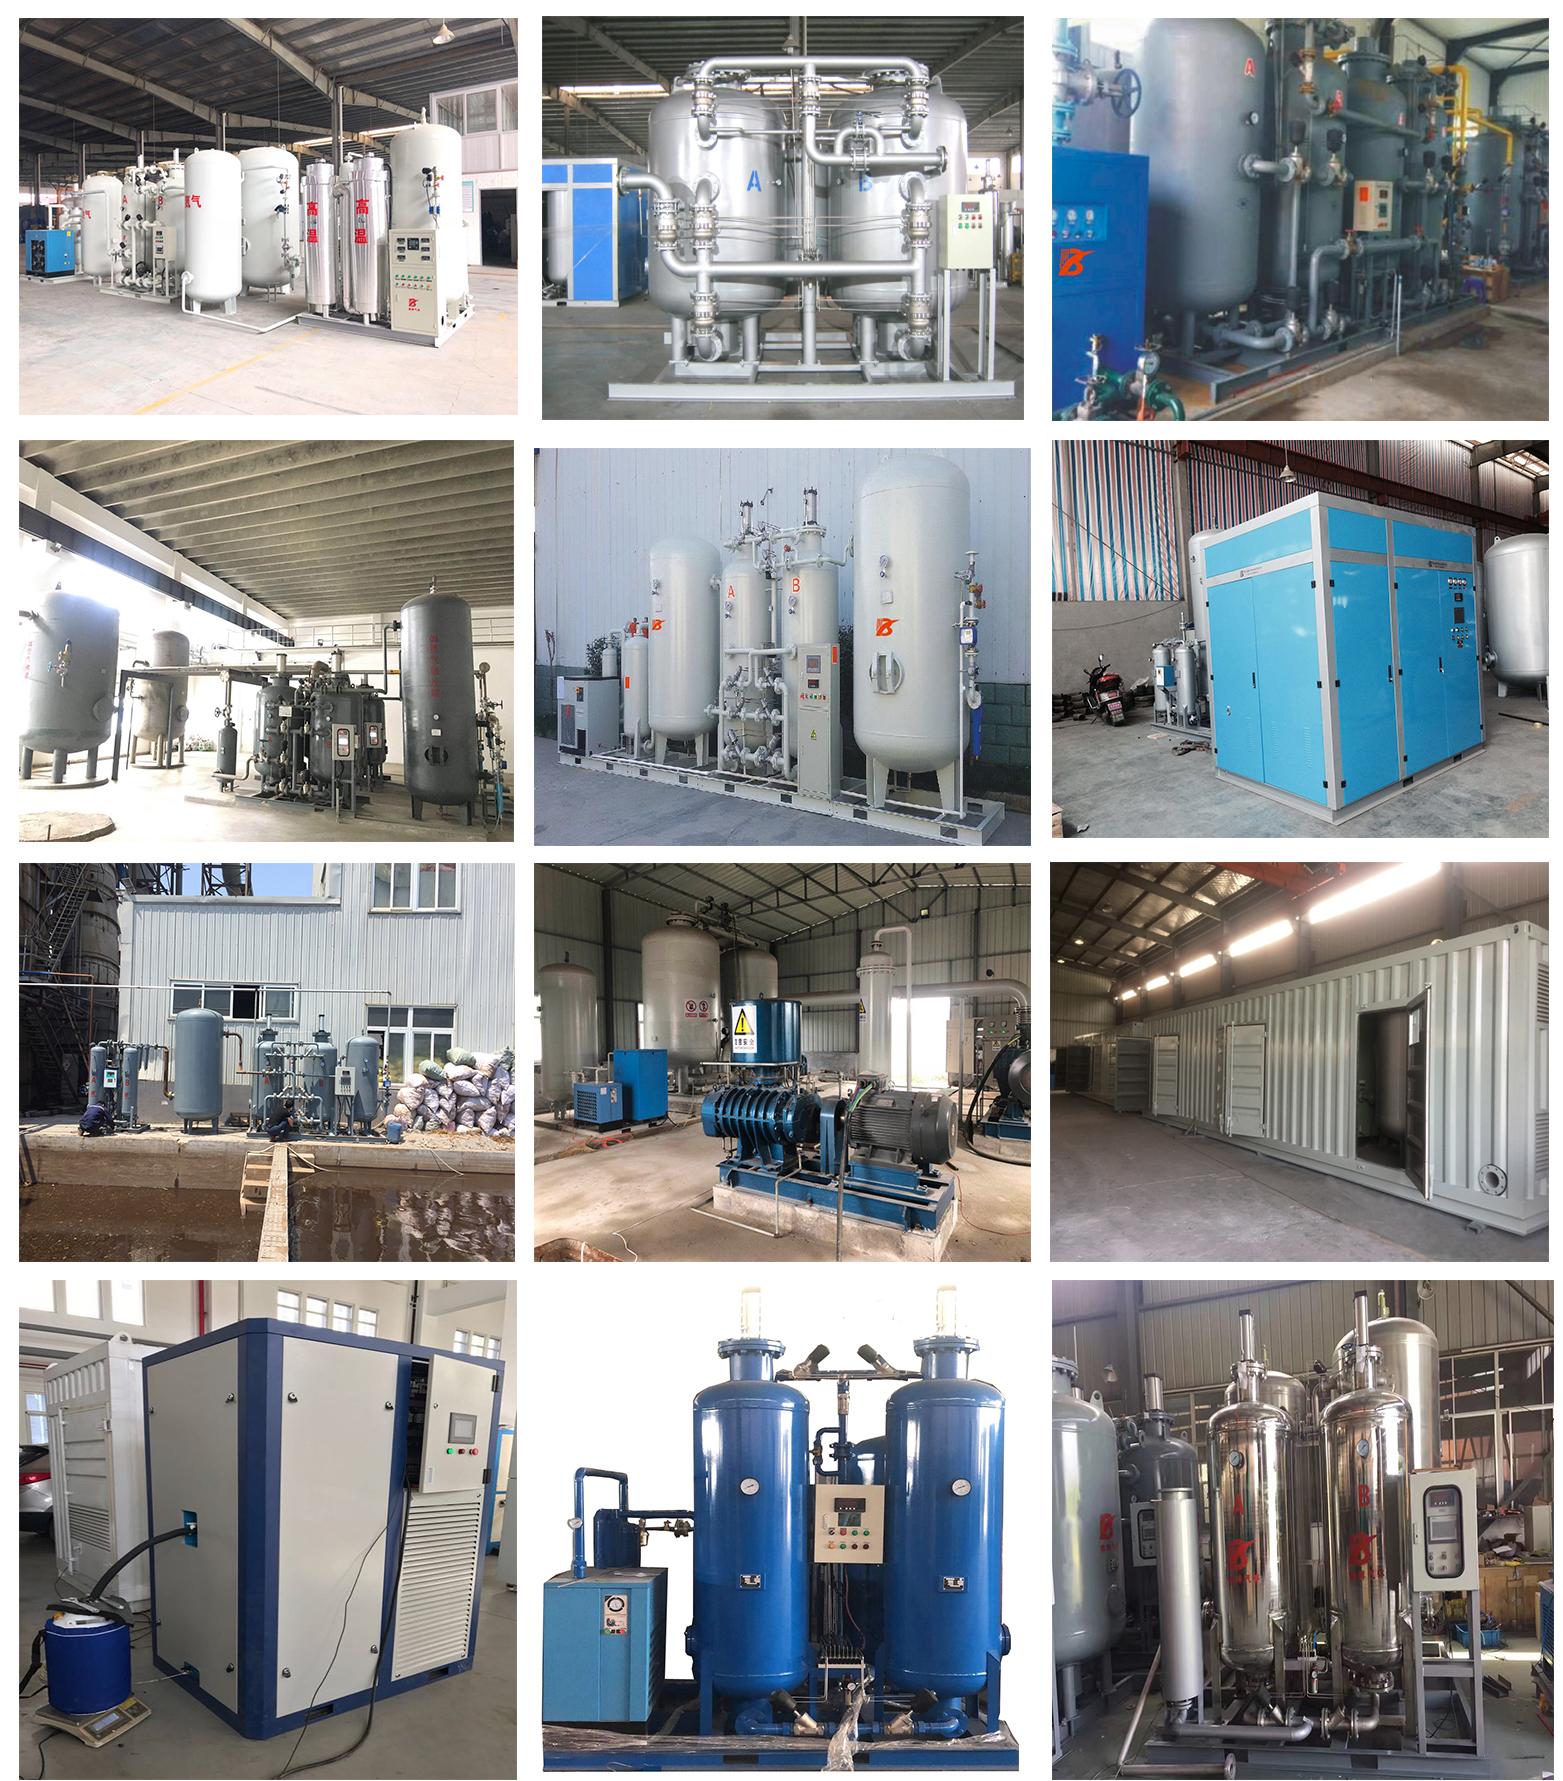 PSA ossigeno azoto argon bombola di gas di biossido di carbonio di riempimento impianto